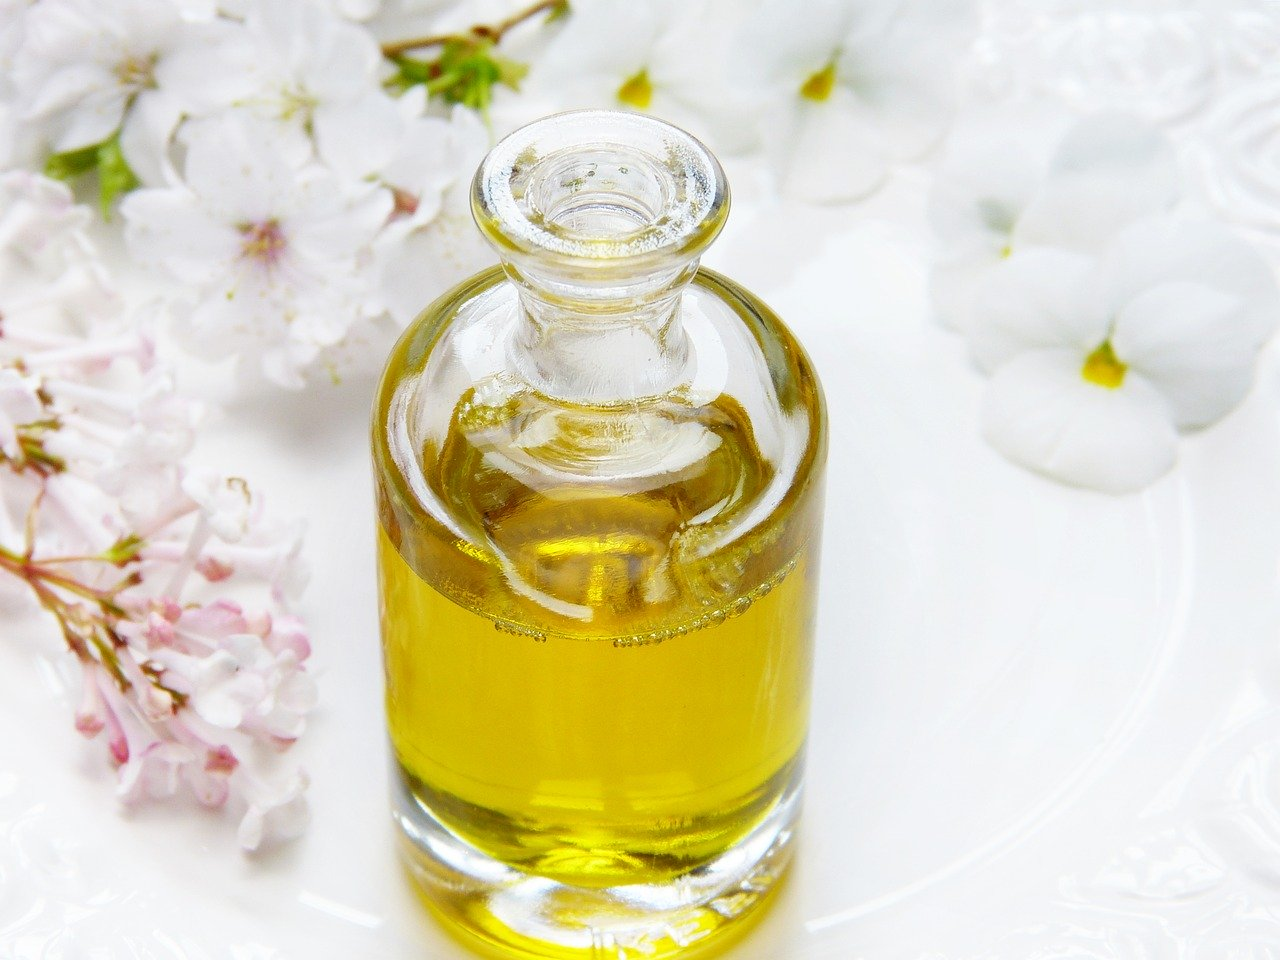 Ratunek dla podrażnionej skóry głowy - olej konopny